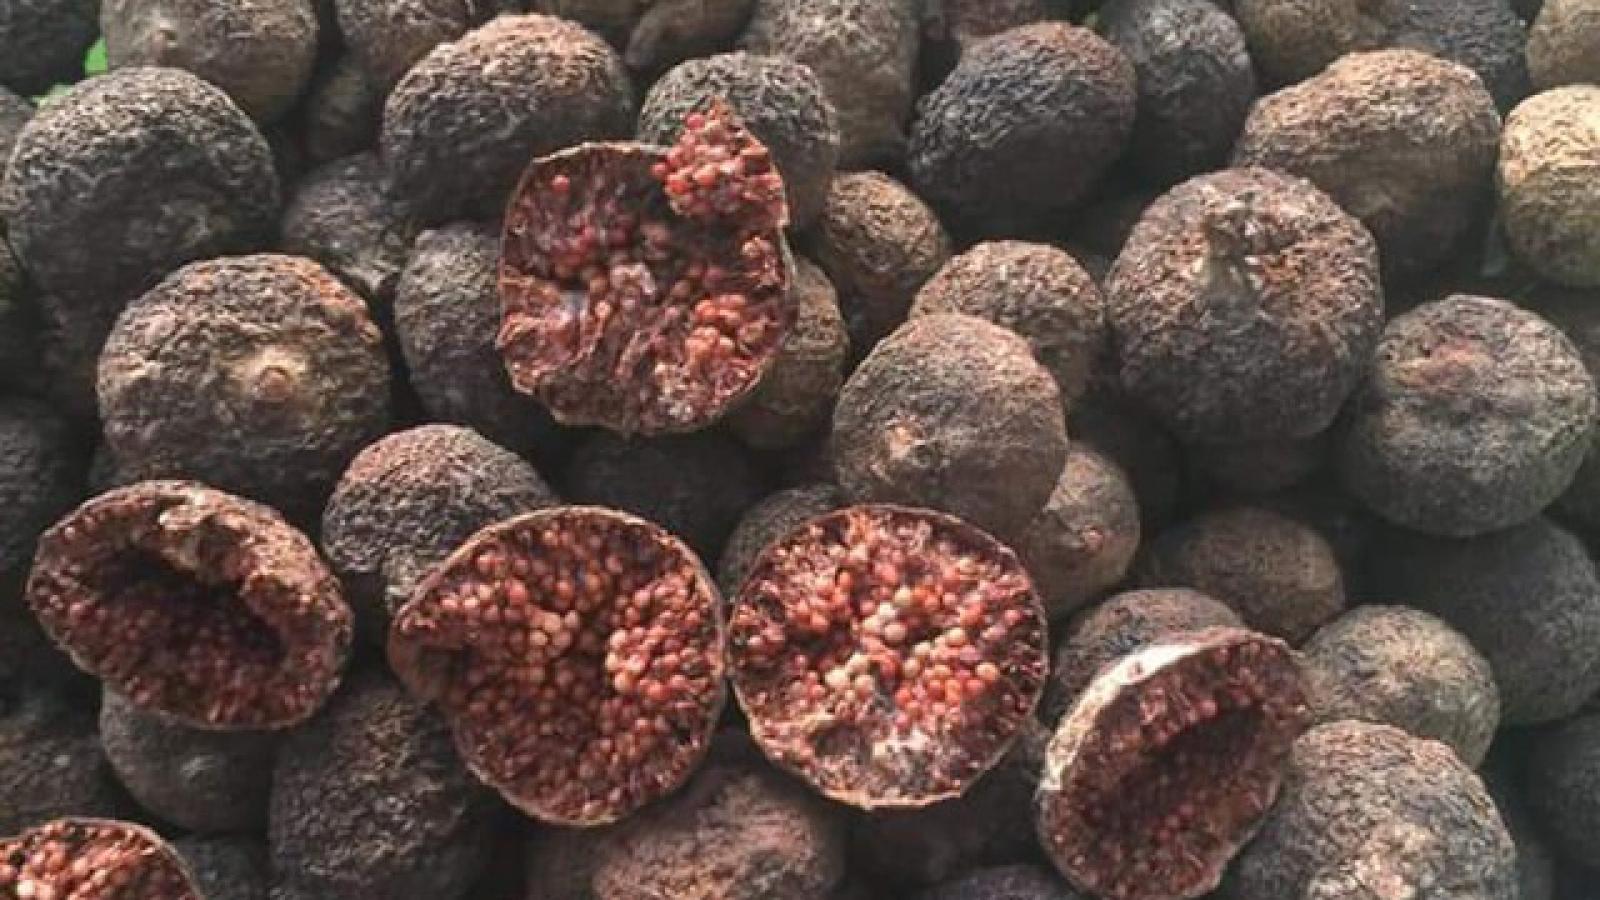 Loại quả rụng đầy bờ ao quê, nay bán giá đắt đỏ